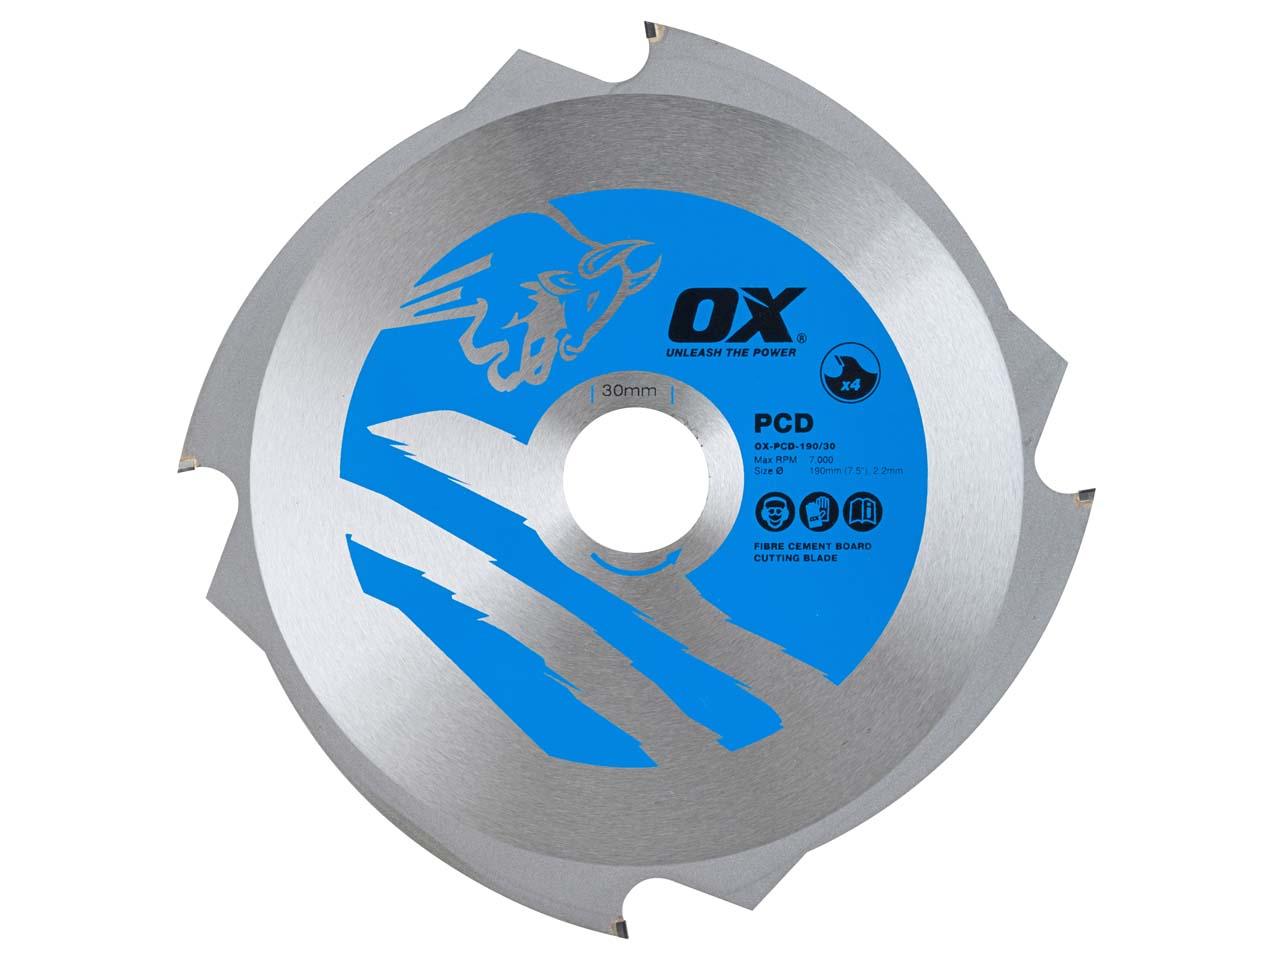 Ox_PCD19030v2.jpg